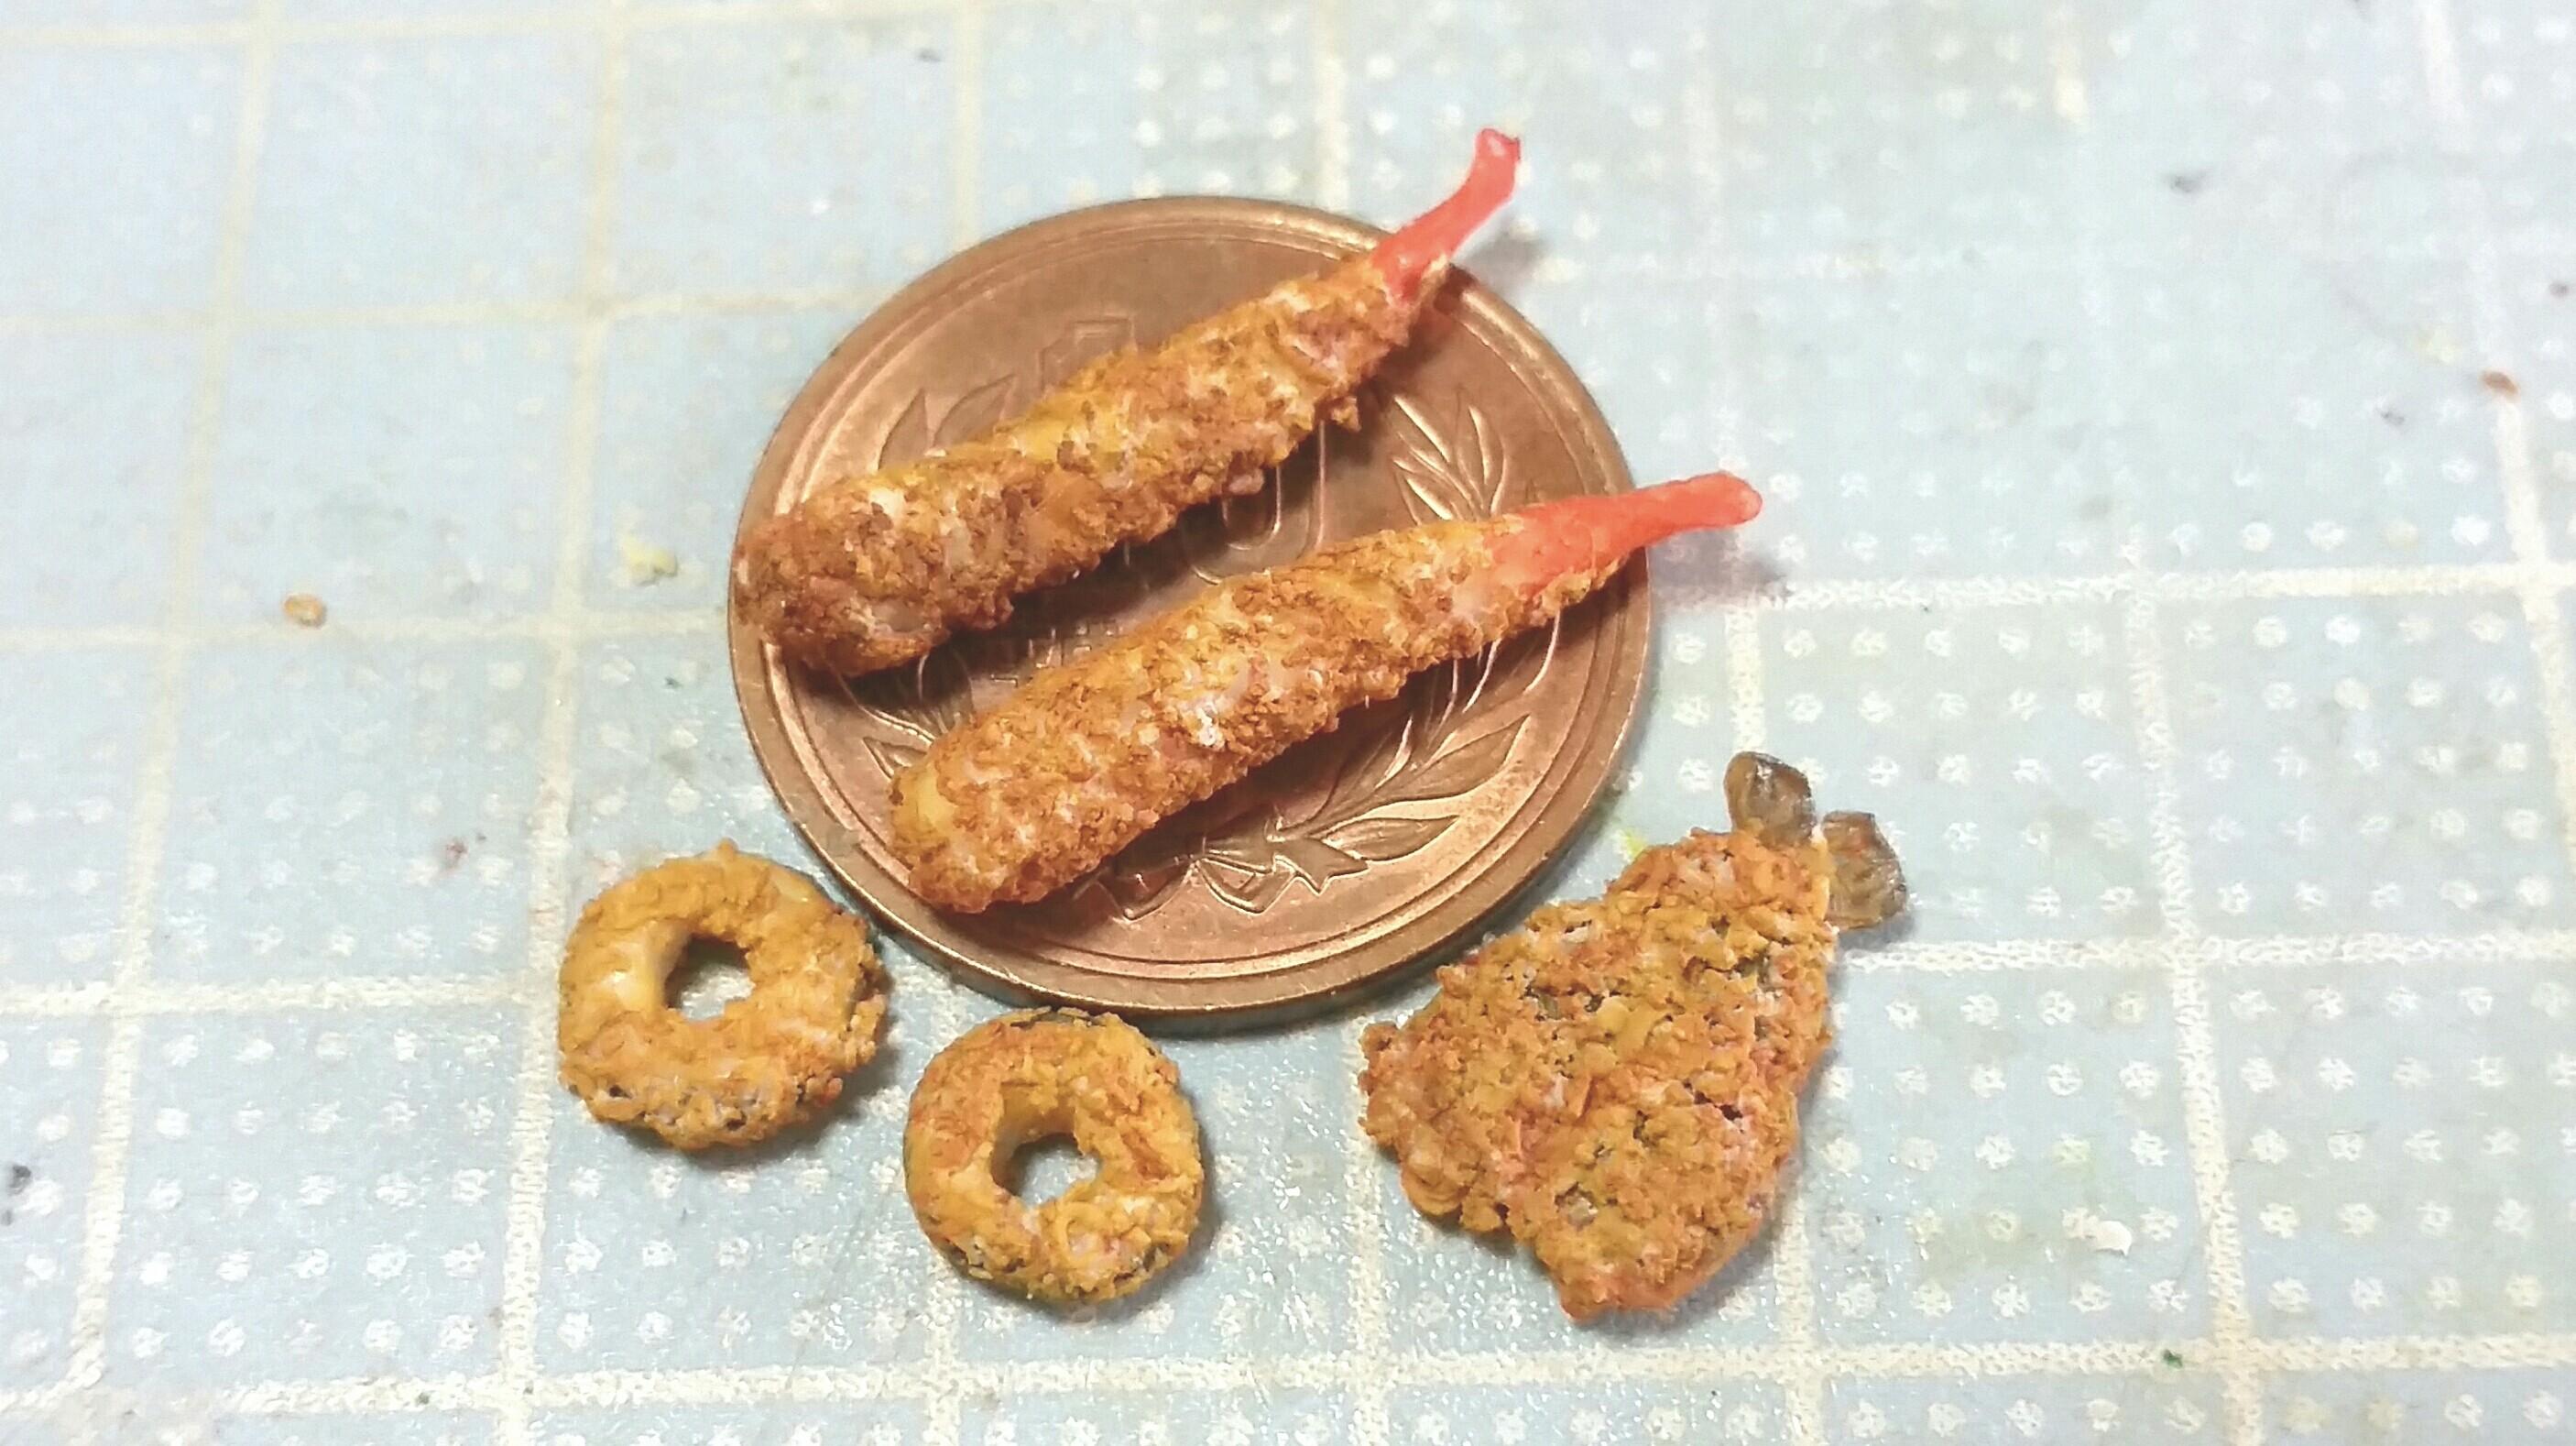 ミニチュアフード,アジ,イカ,エビフライ,揚げ物,樹脂粘土,人気作り方